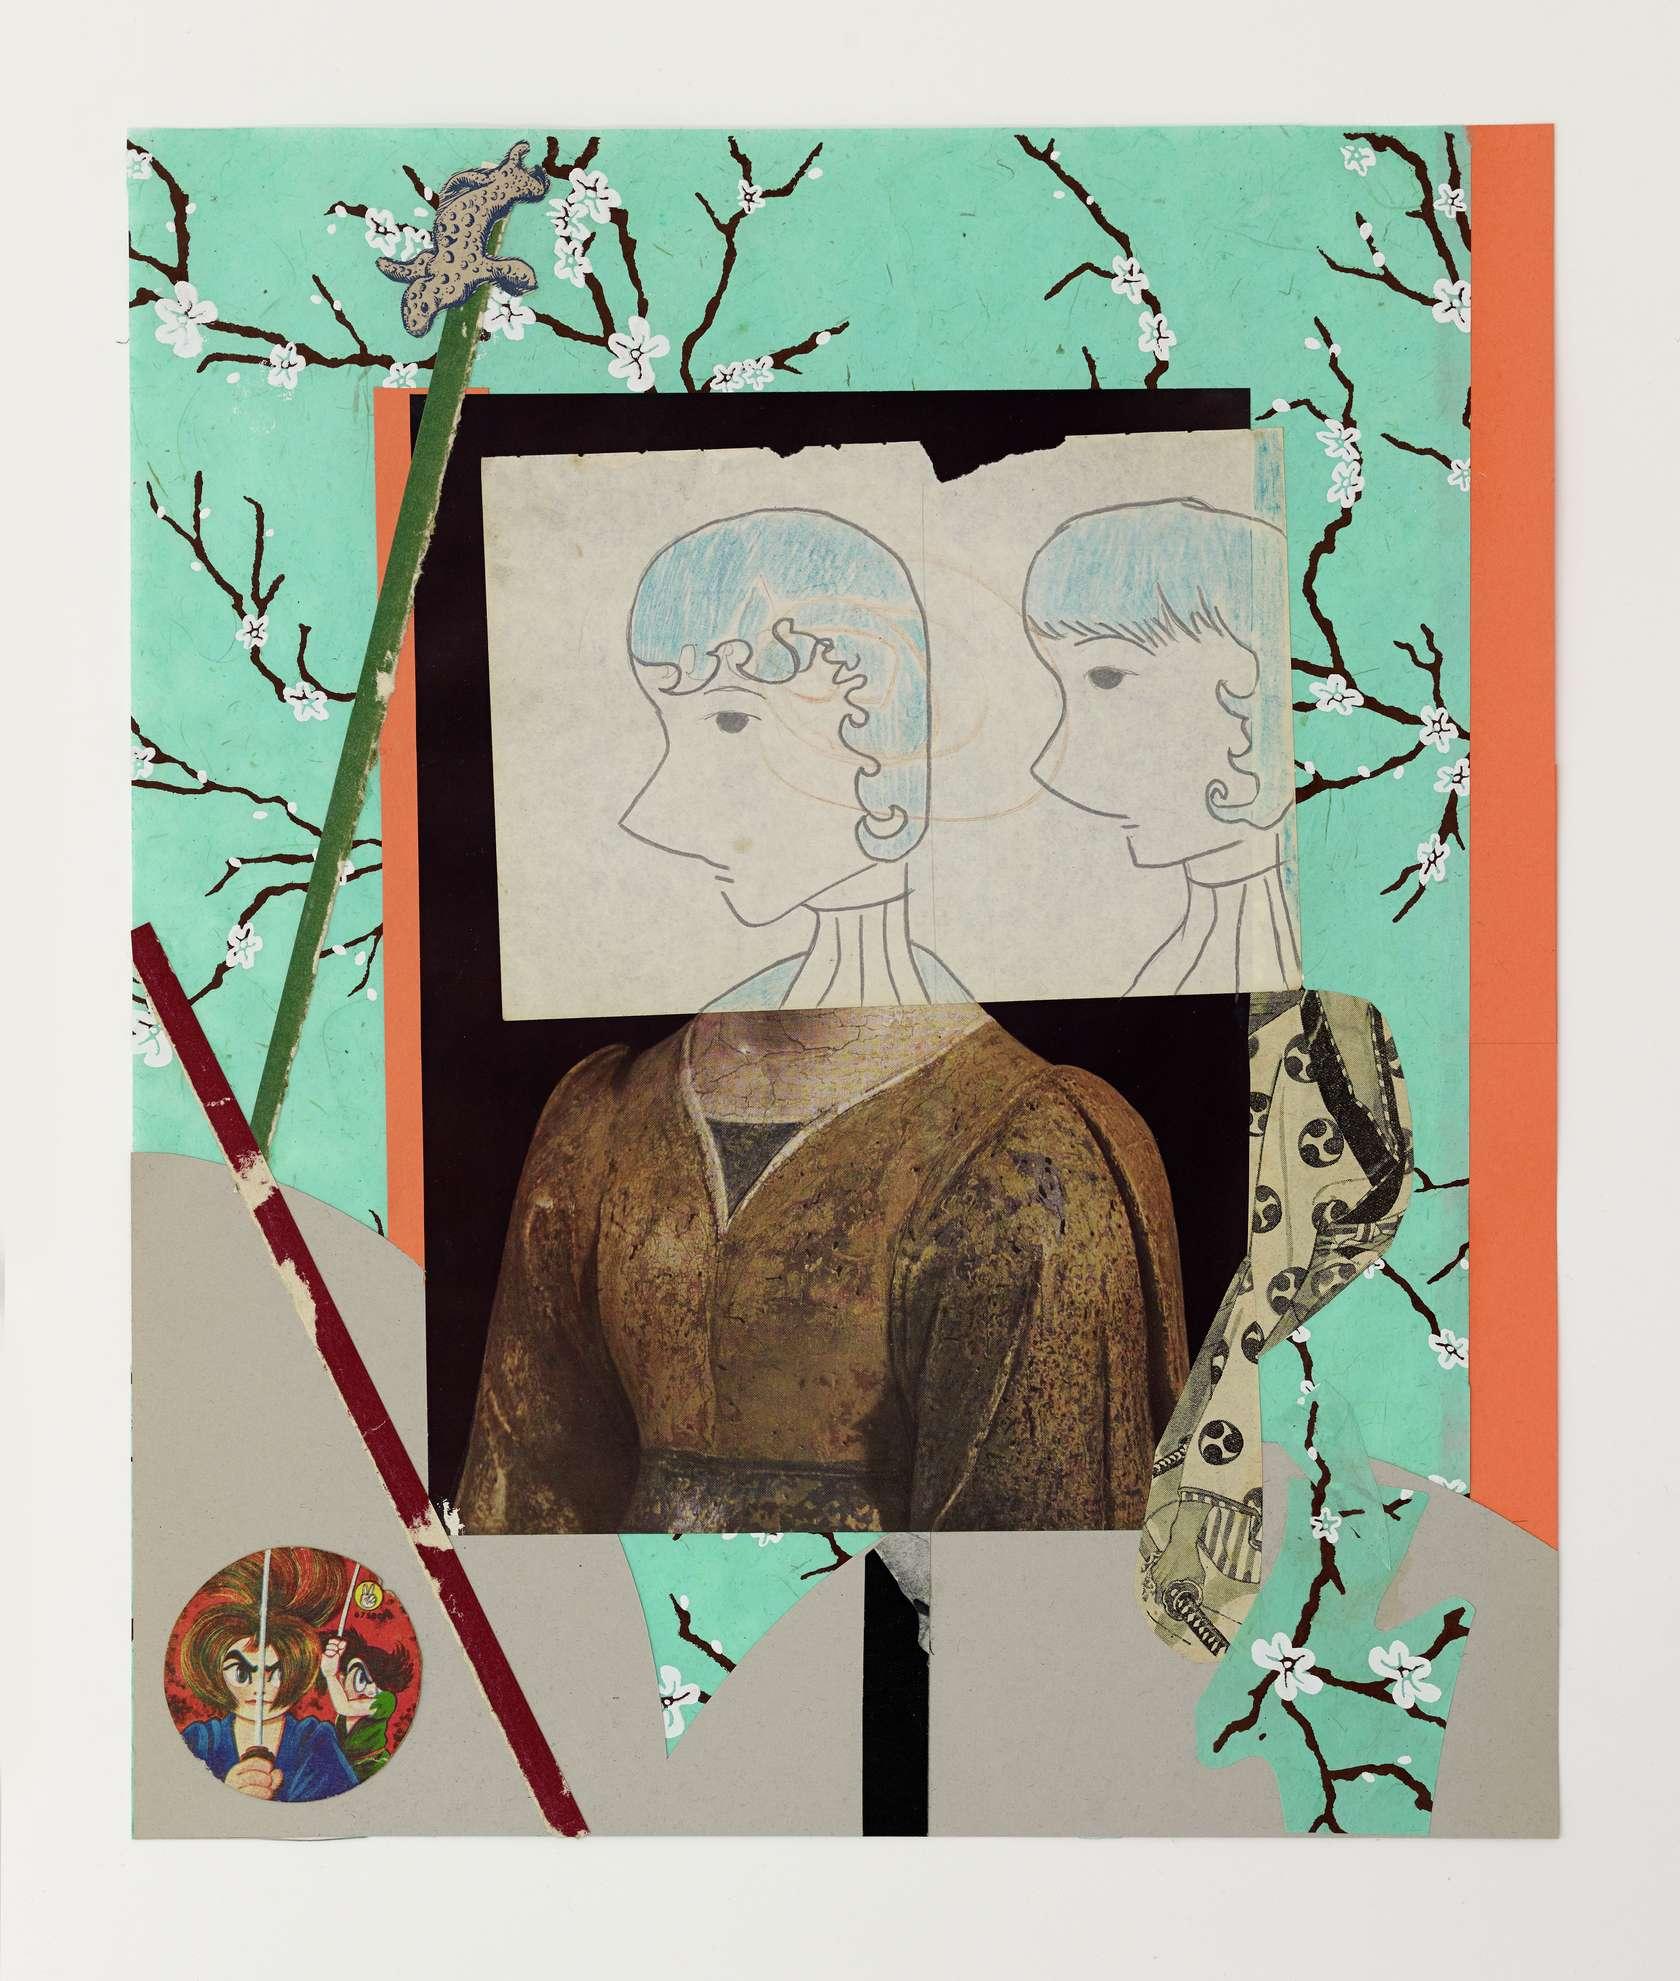 Hippolyte Hentgen, Sanjo Dori, 2019 Collage sur papier45 x 37.5 cm / 17 6/8 x 14 6/8 inches